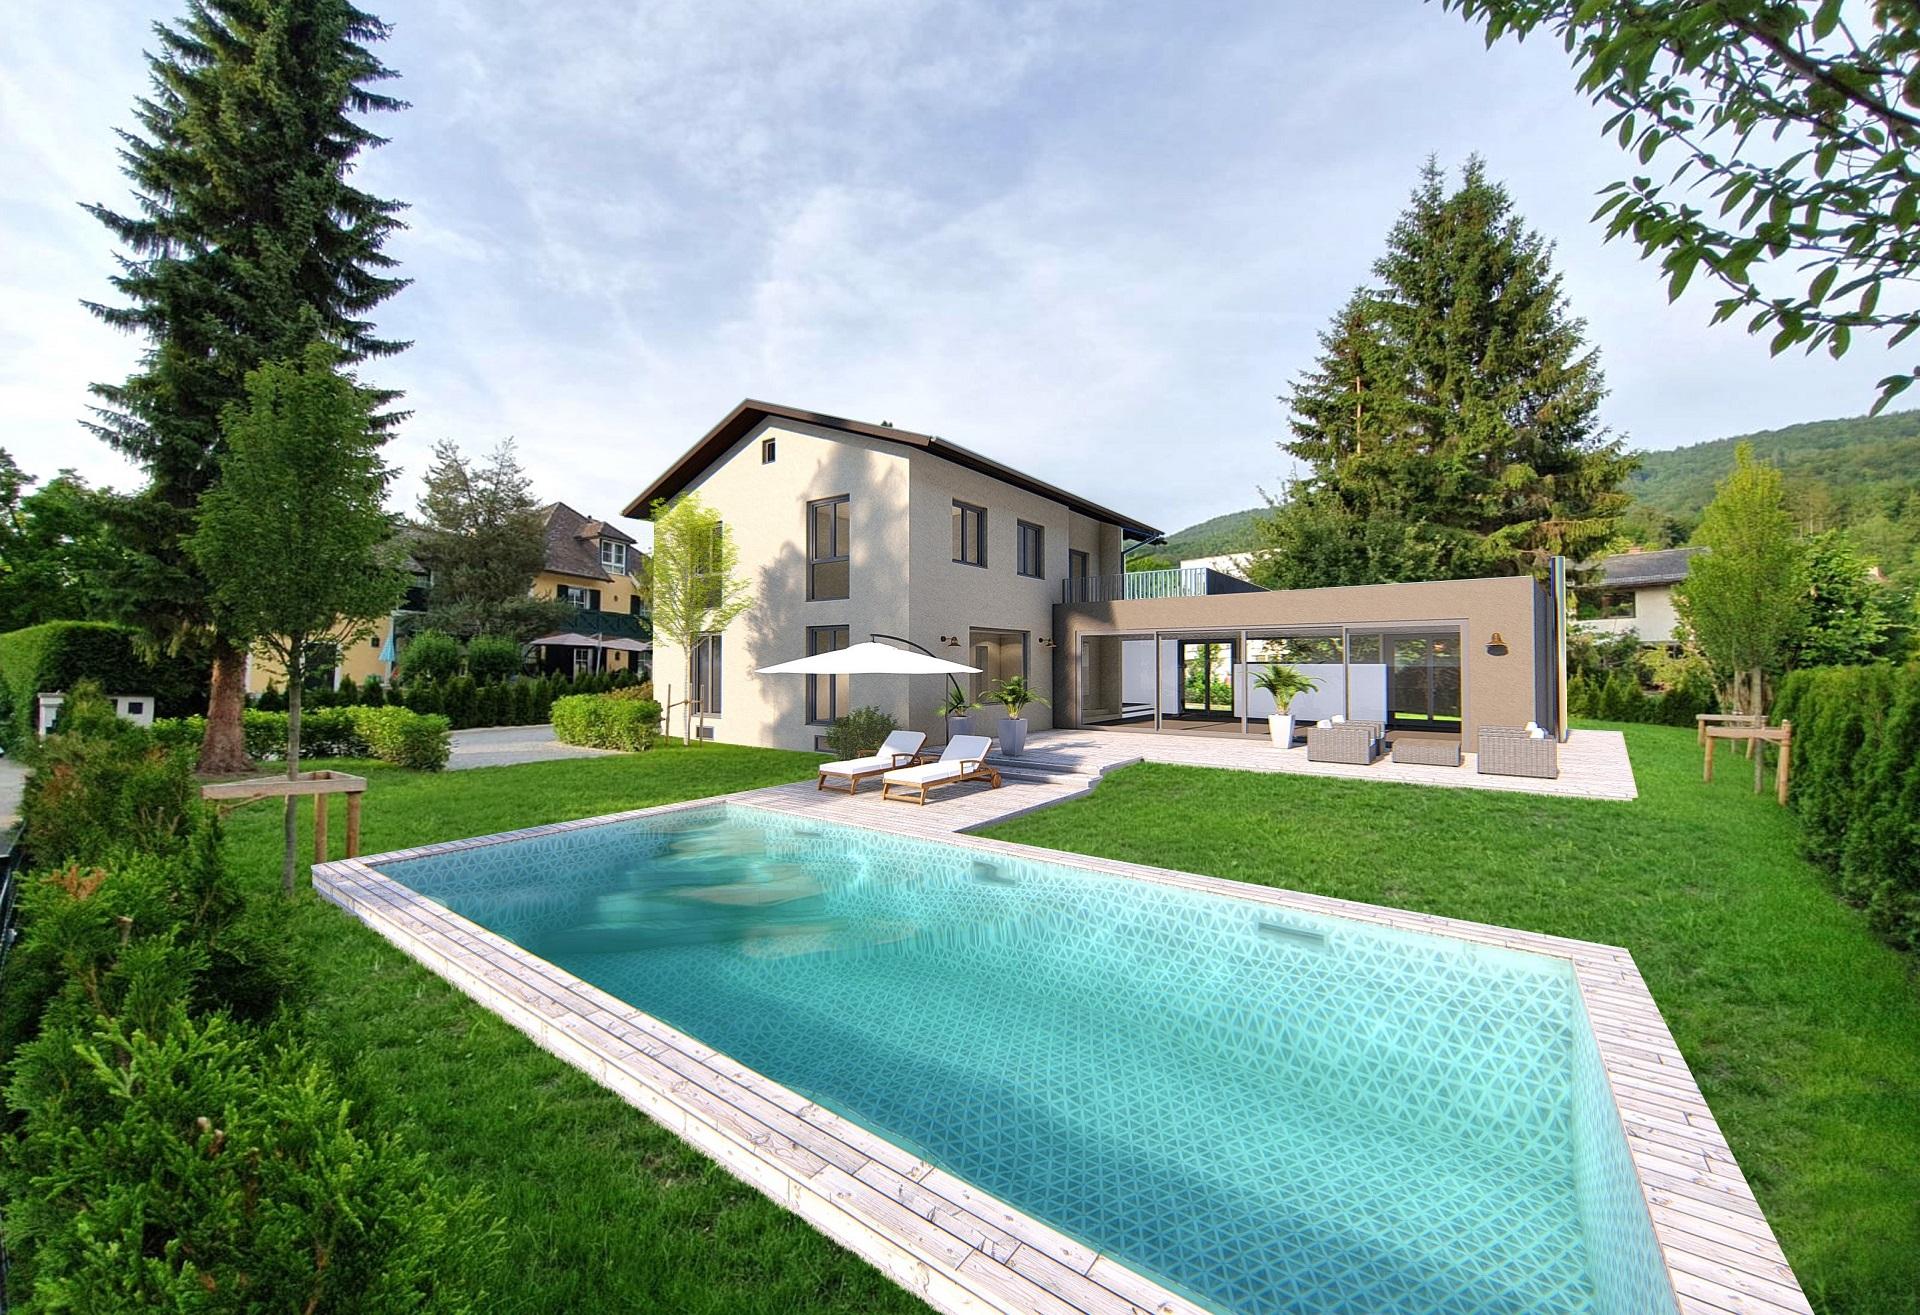 Wohntraum in Salzburg-Aigen – Renoviertes Einfamilienhaus in Premiumlage